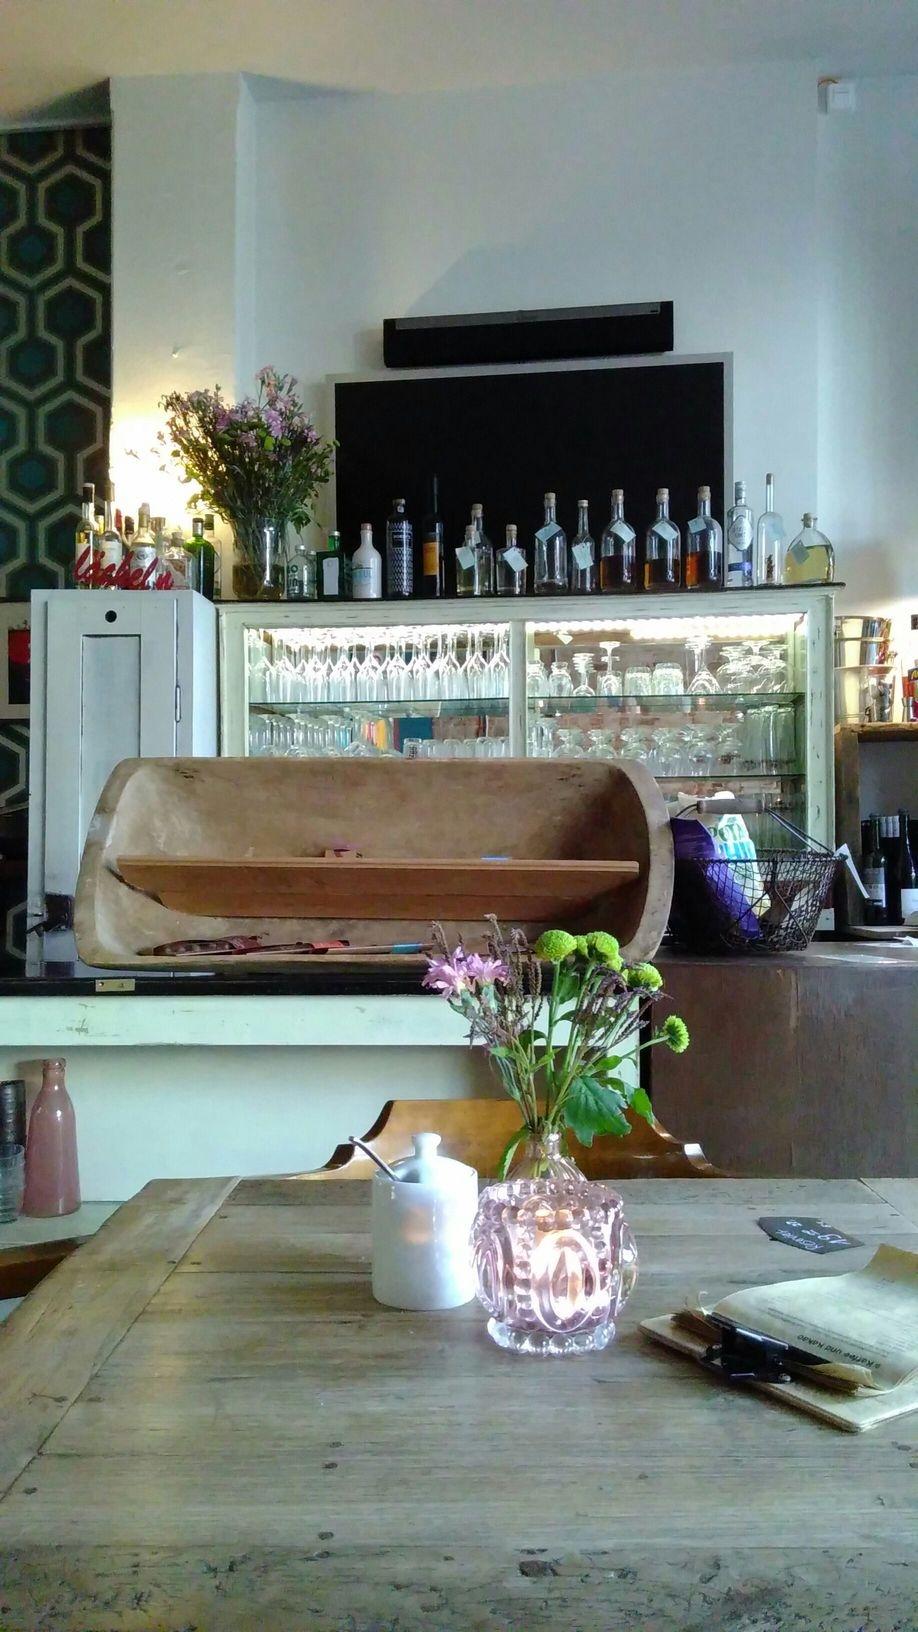 Eating / reviews (partially - Bremen - organictraveller | ello